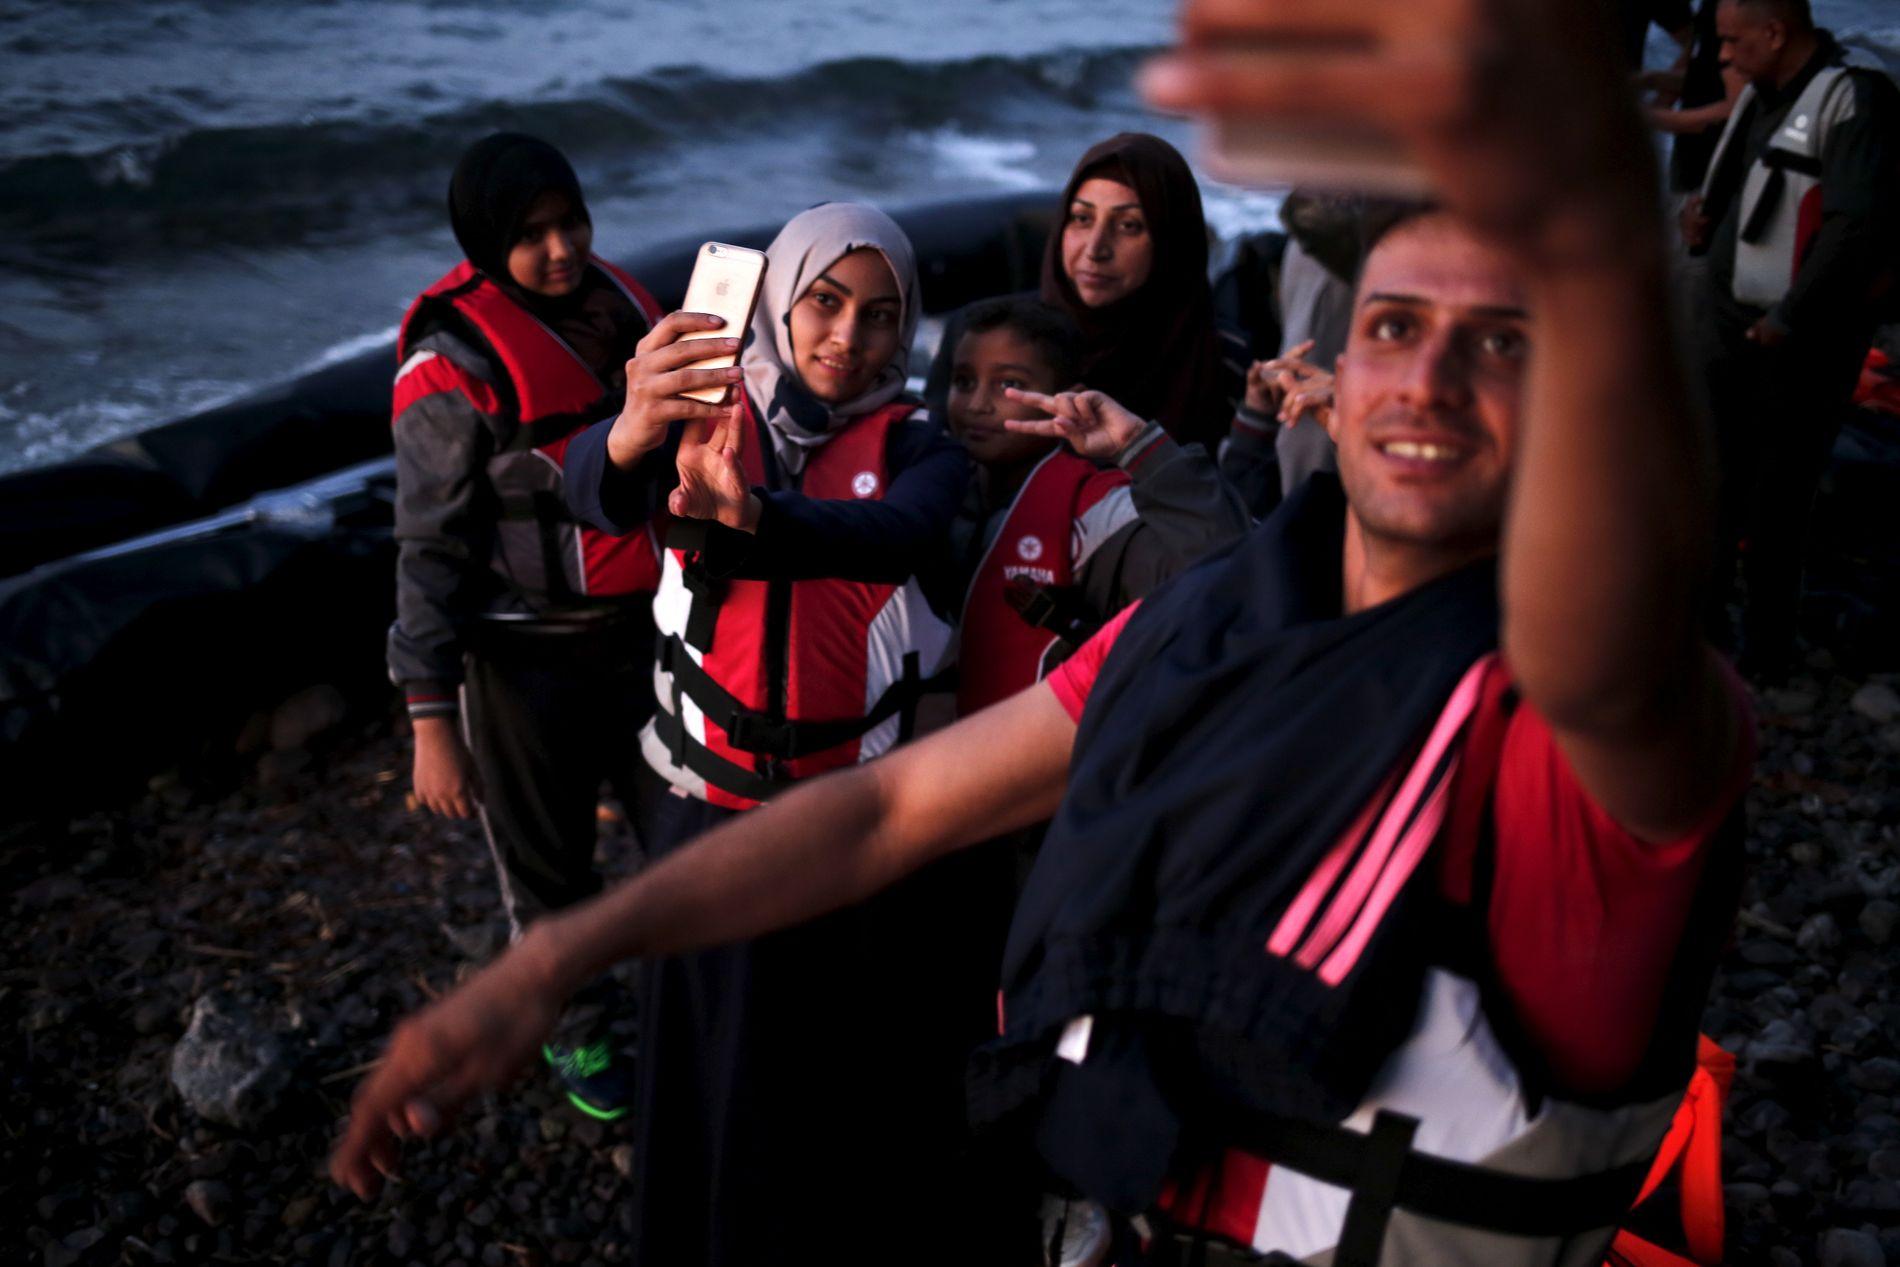 REDDET: Vi har lært hvordan flyktningene kommuniserer med familie som ennå befinner seg i hjemlandet, hvordan de forsøker å roe dem ned etter at de selv, livredde, har krysset havet til greske øyer i overfylte gummibåter, skriver Elisabeth Eide.